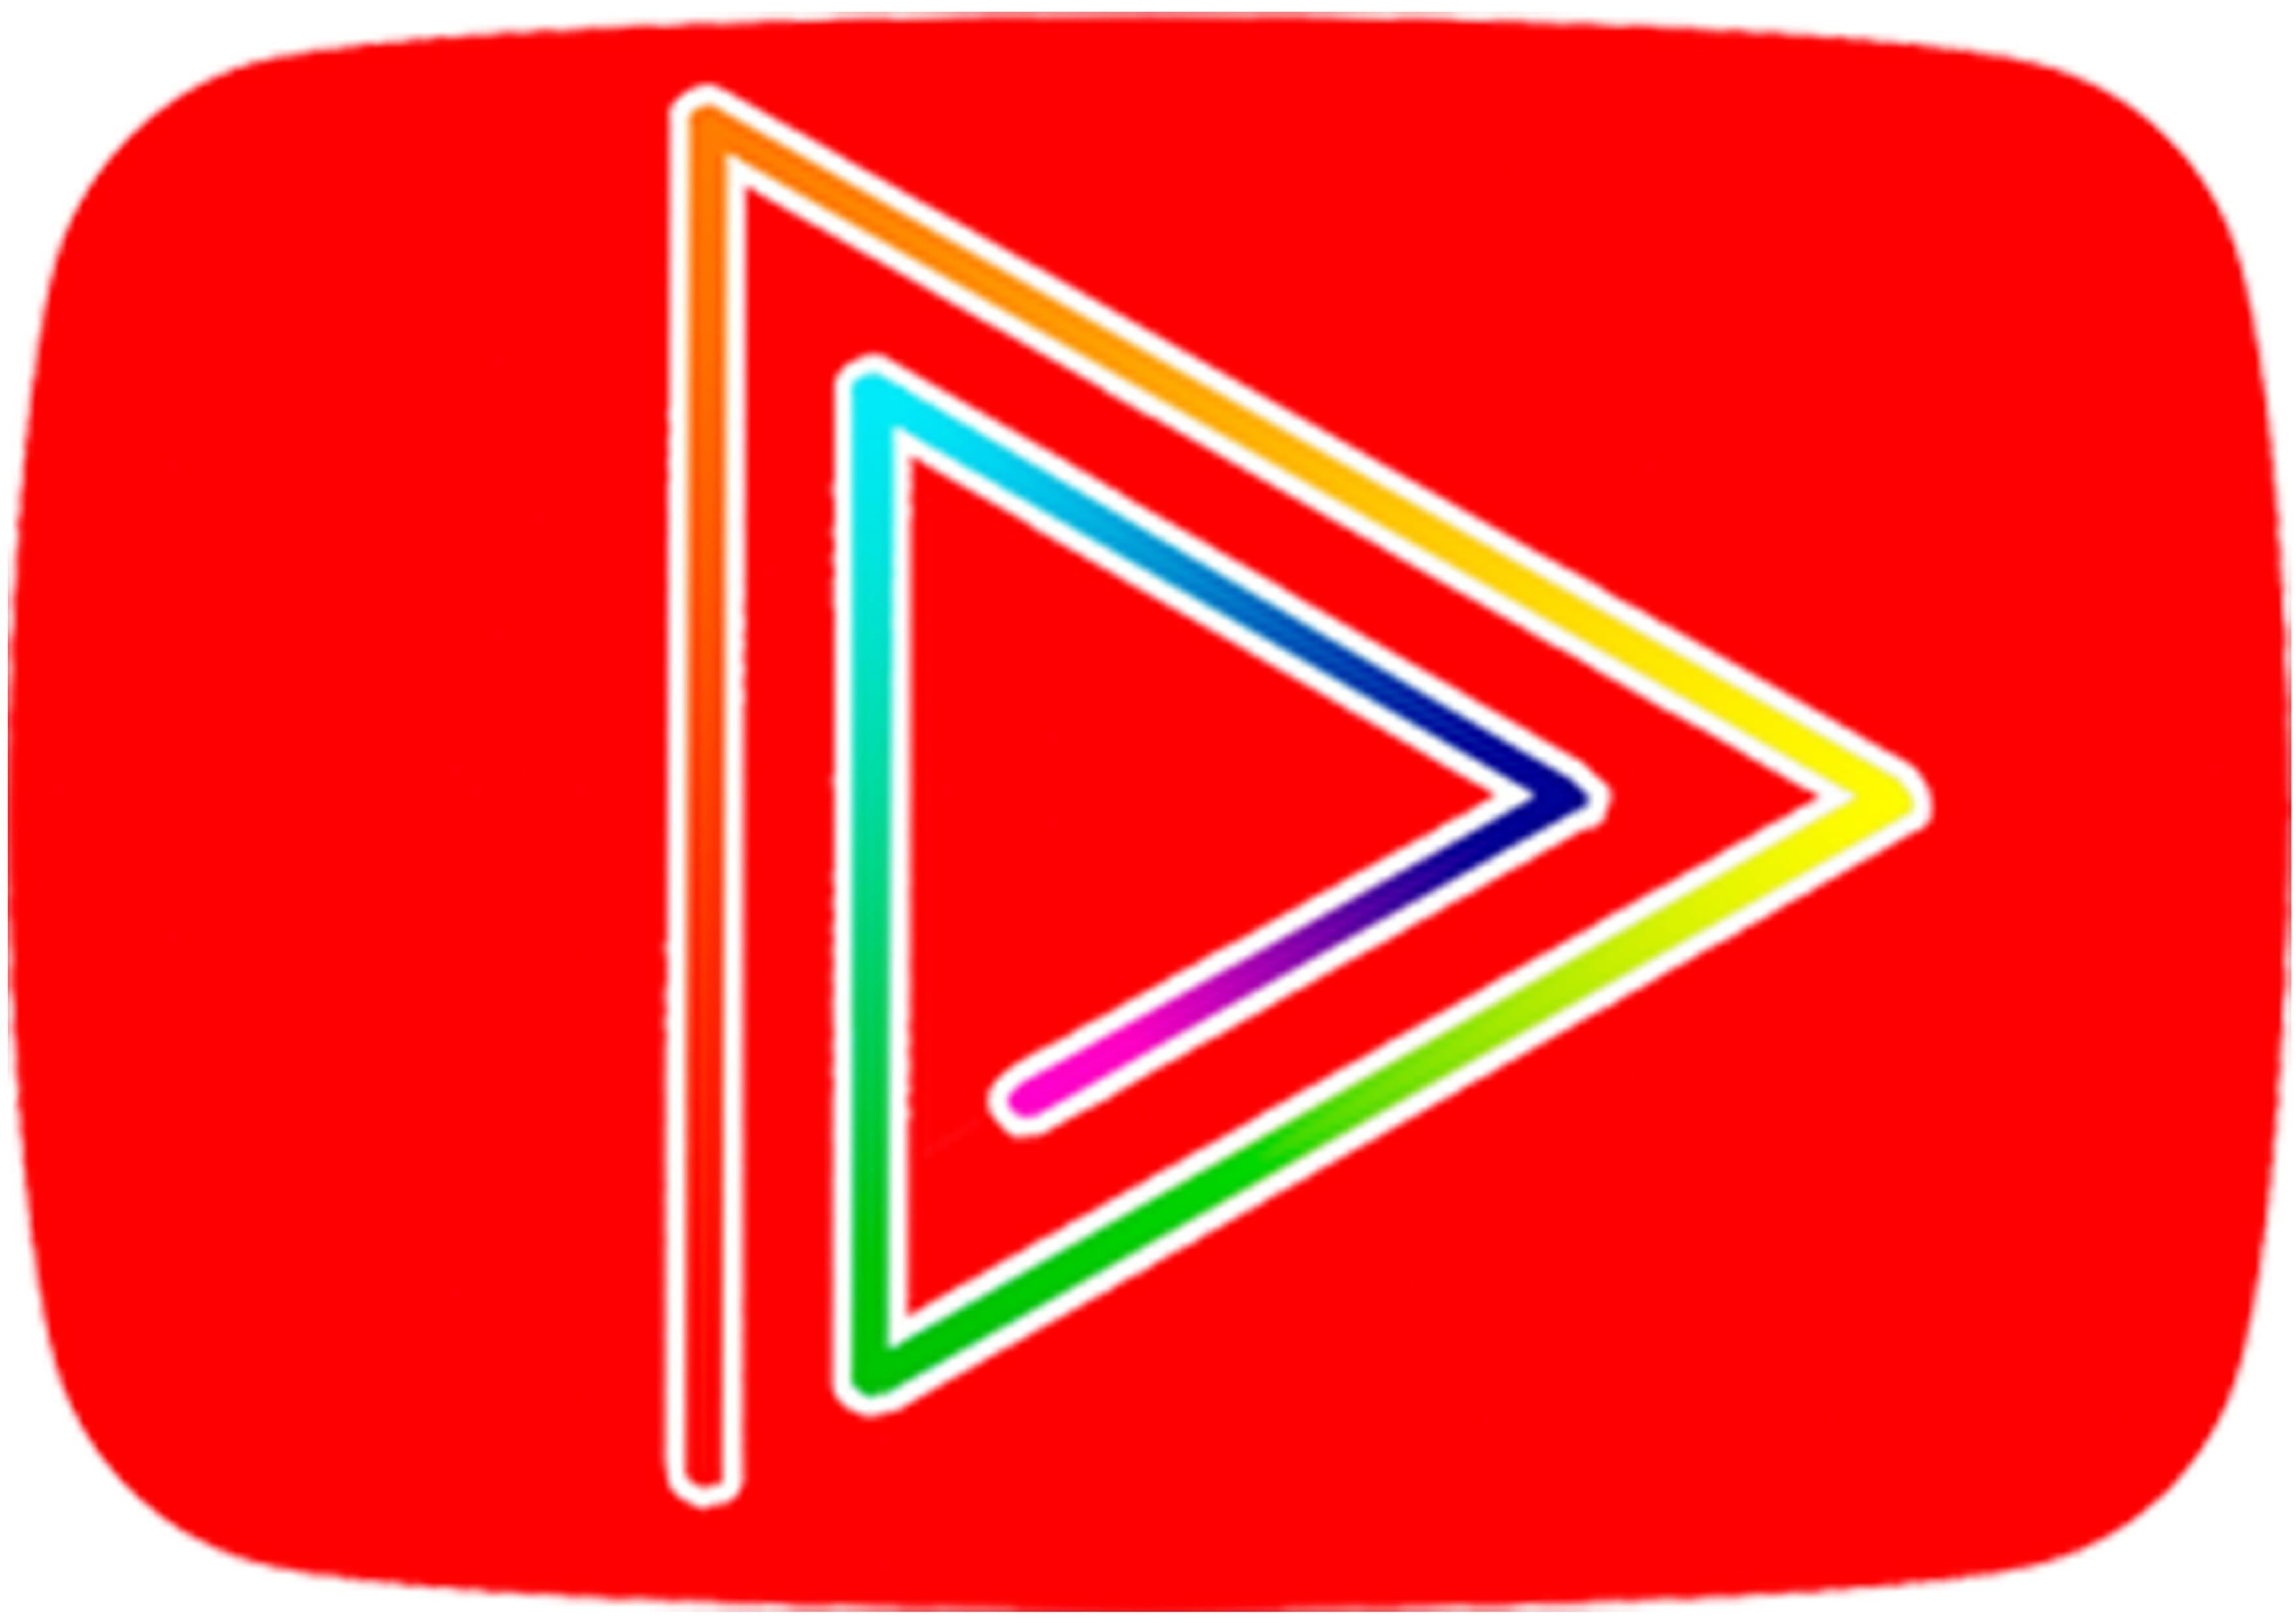 логотип мультимедийного направления